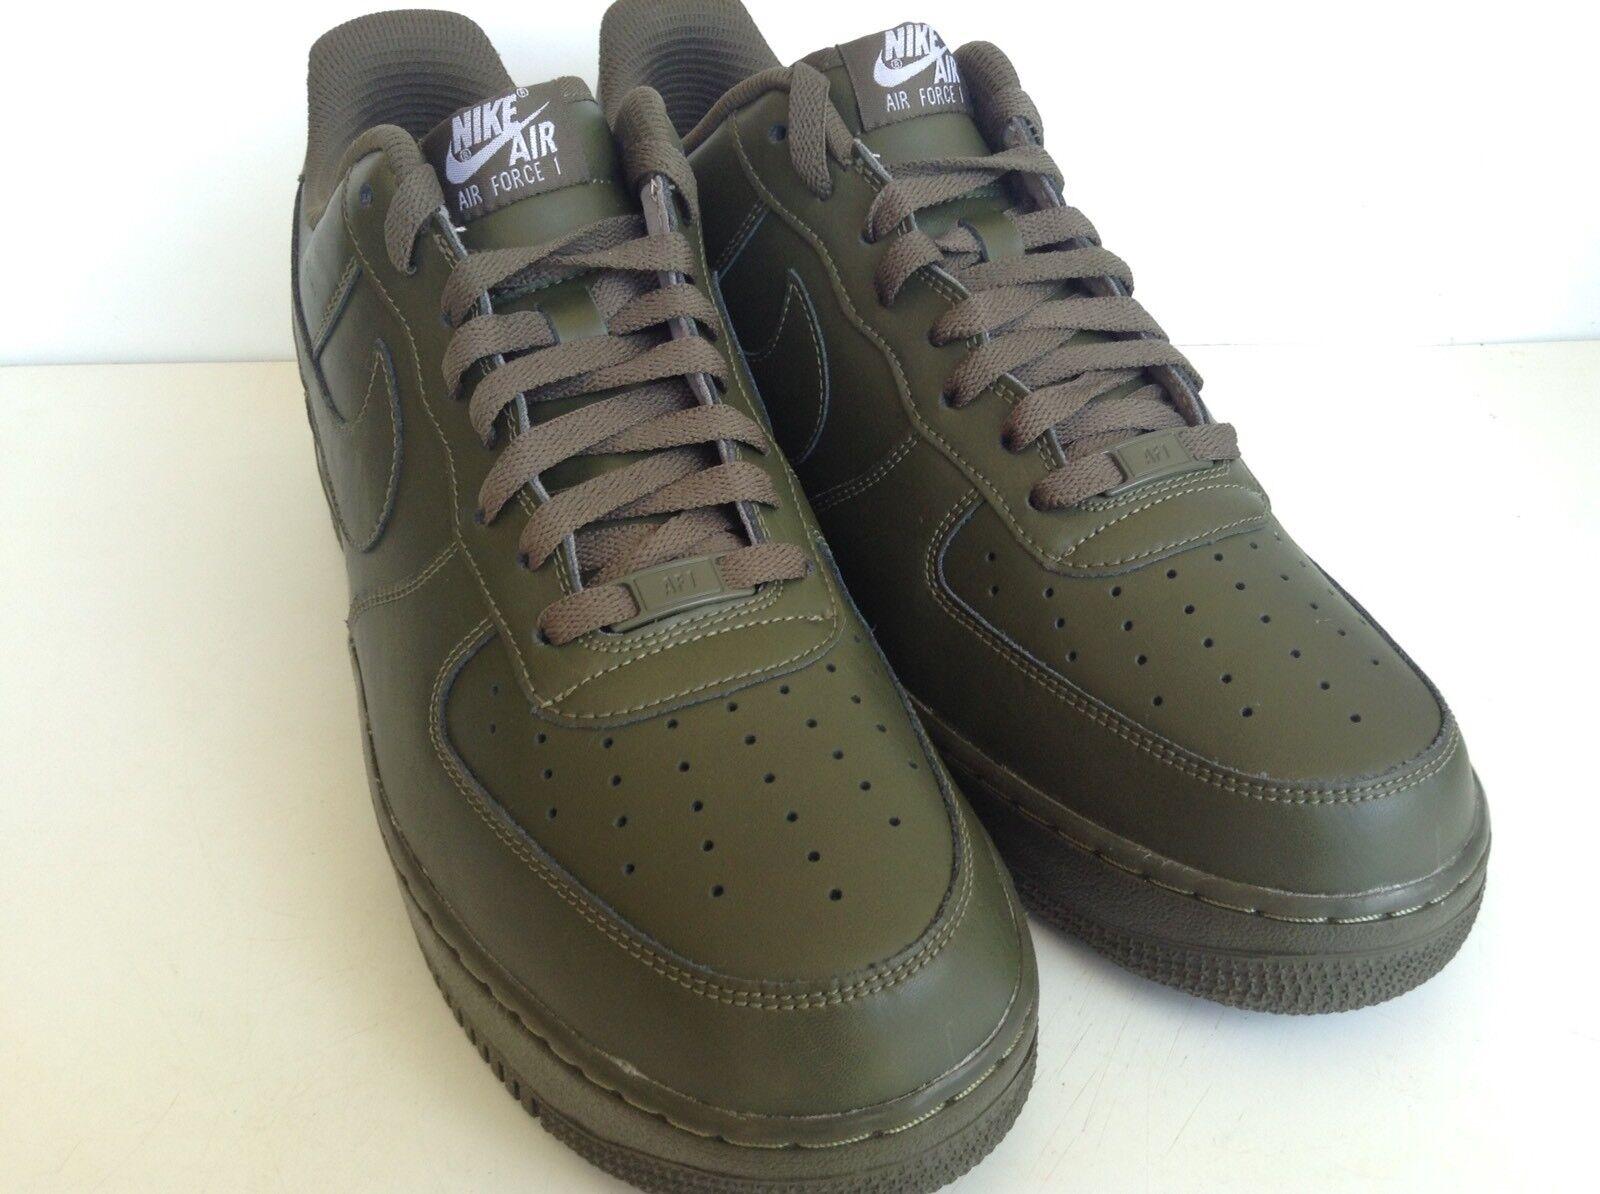 Nike Air Force 1 Low id Ups Verde-Amarillo reducción de zapatos precios baratos zapatos de de mujer zapatos de mujer daaf91